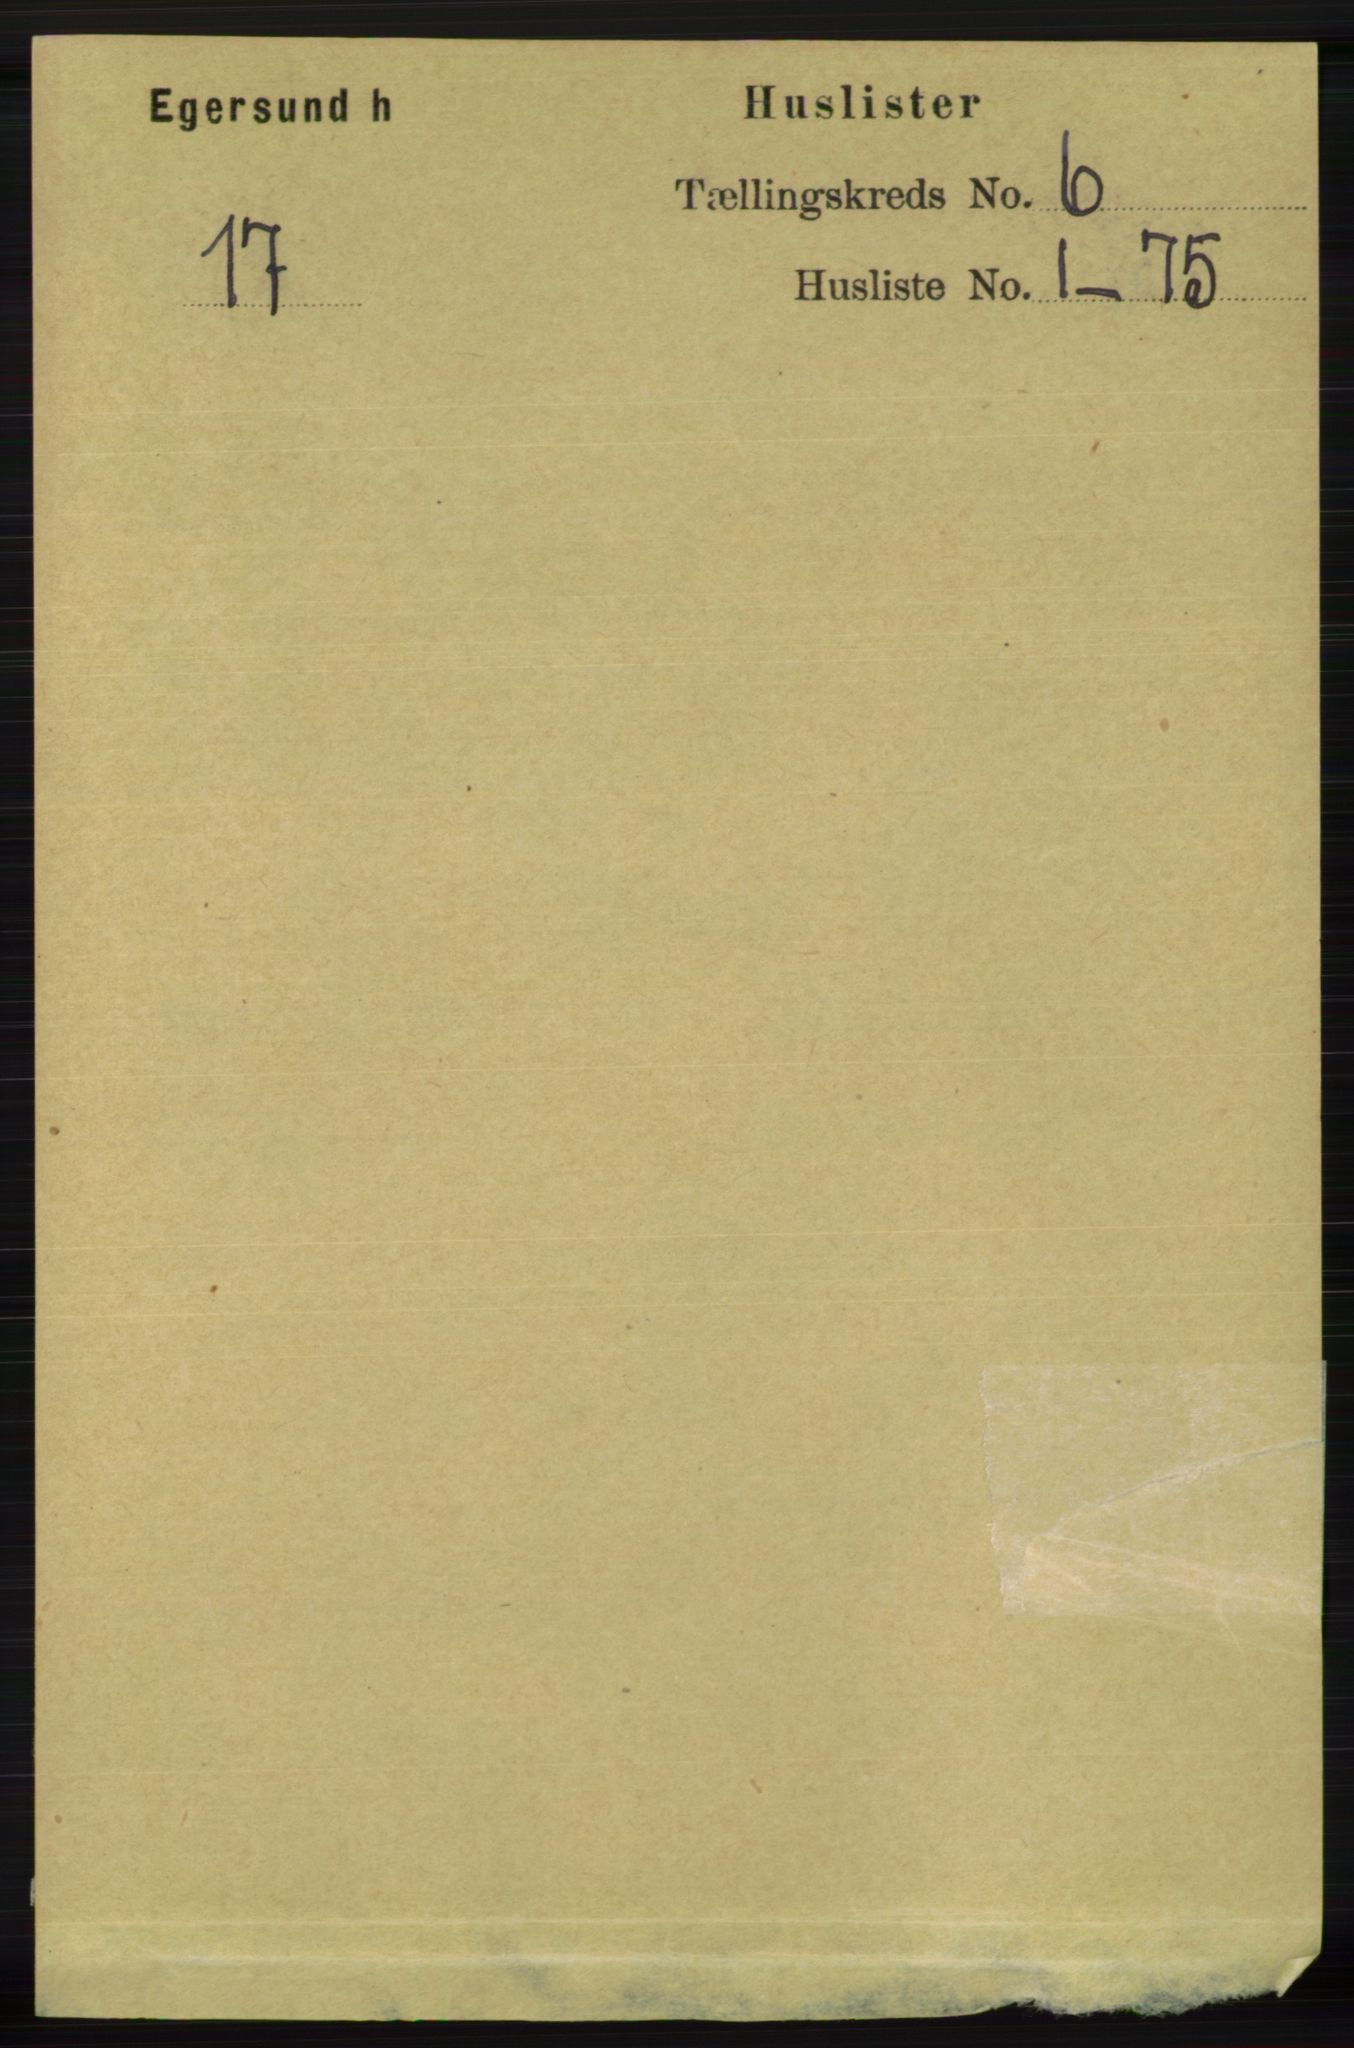 RA, Folketelling 1891 for 1116 Eigersund herred, 1891, s. 2193